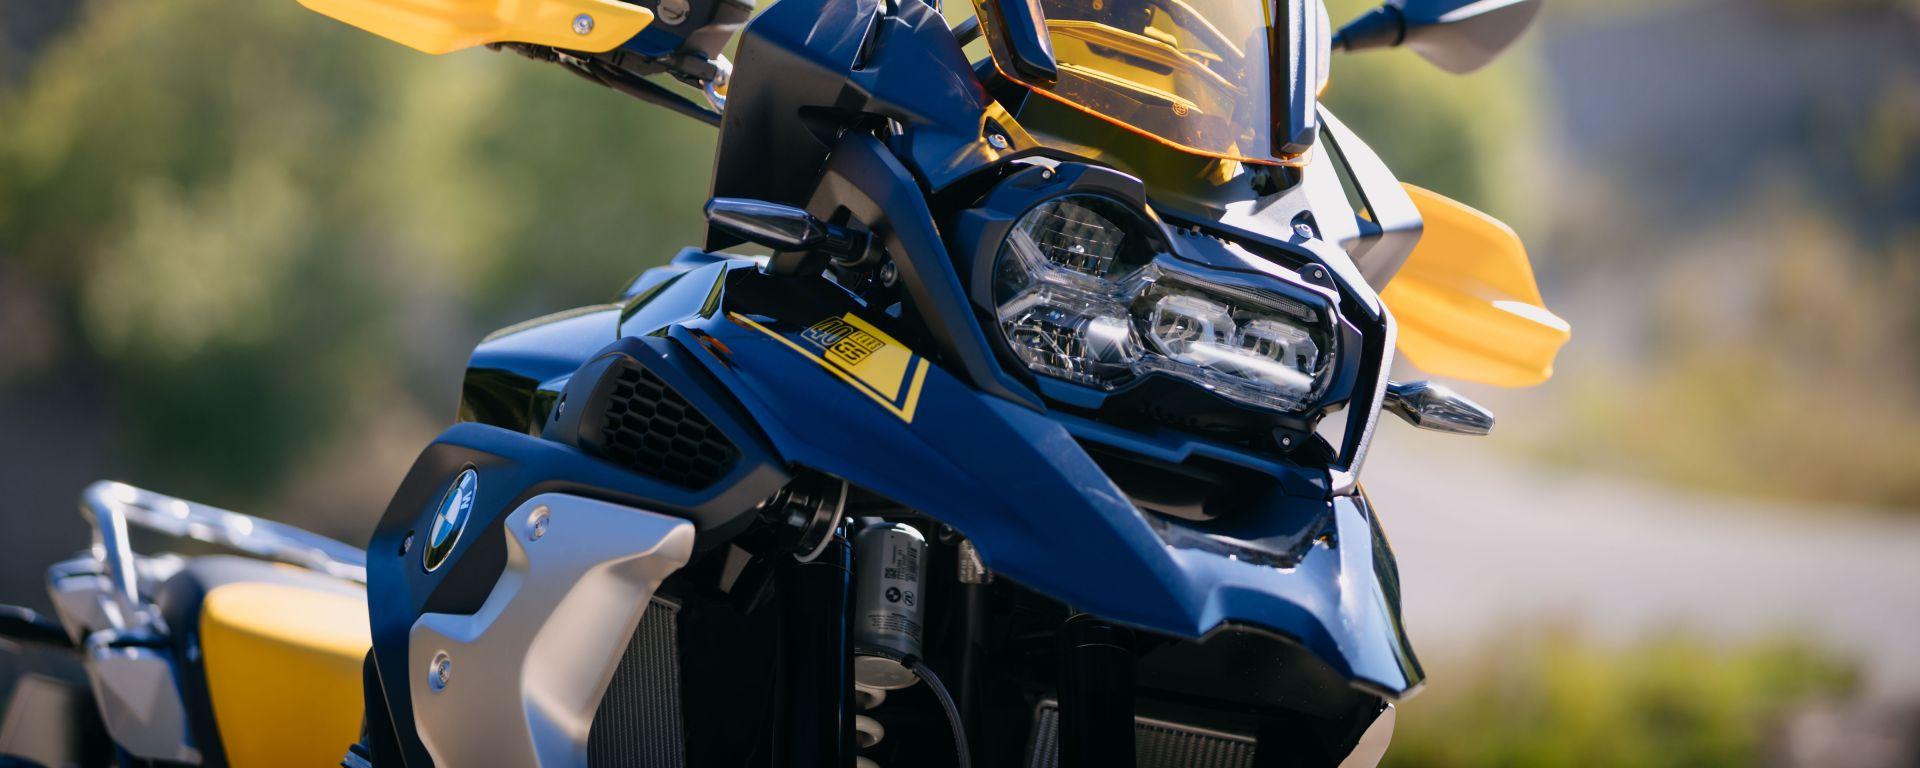 BMW R 1250 GS 2021: arrivano anche i fari a LED che illuminano seguendo l'inclinazione della moto